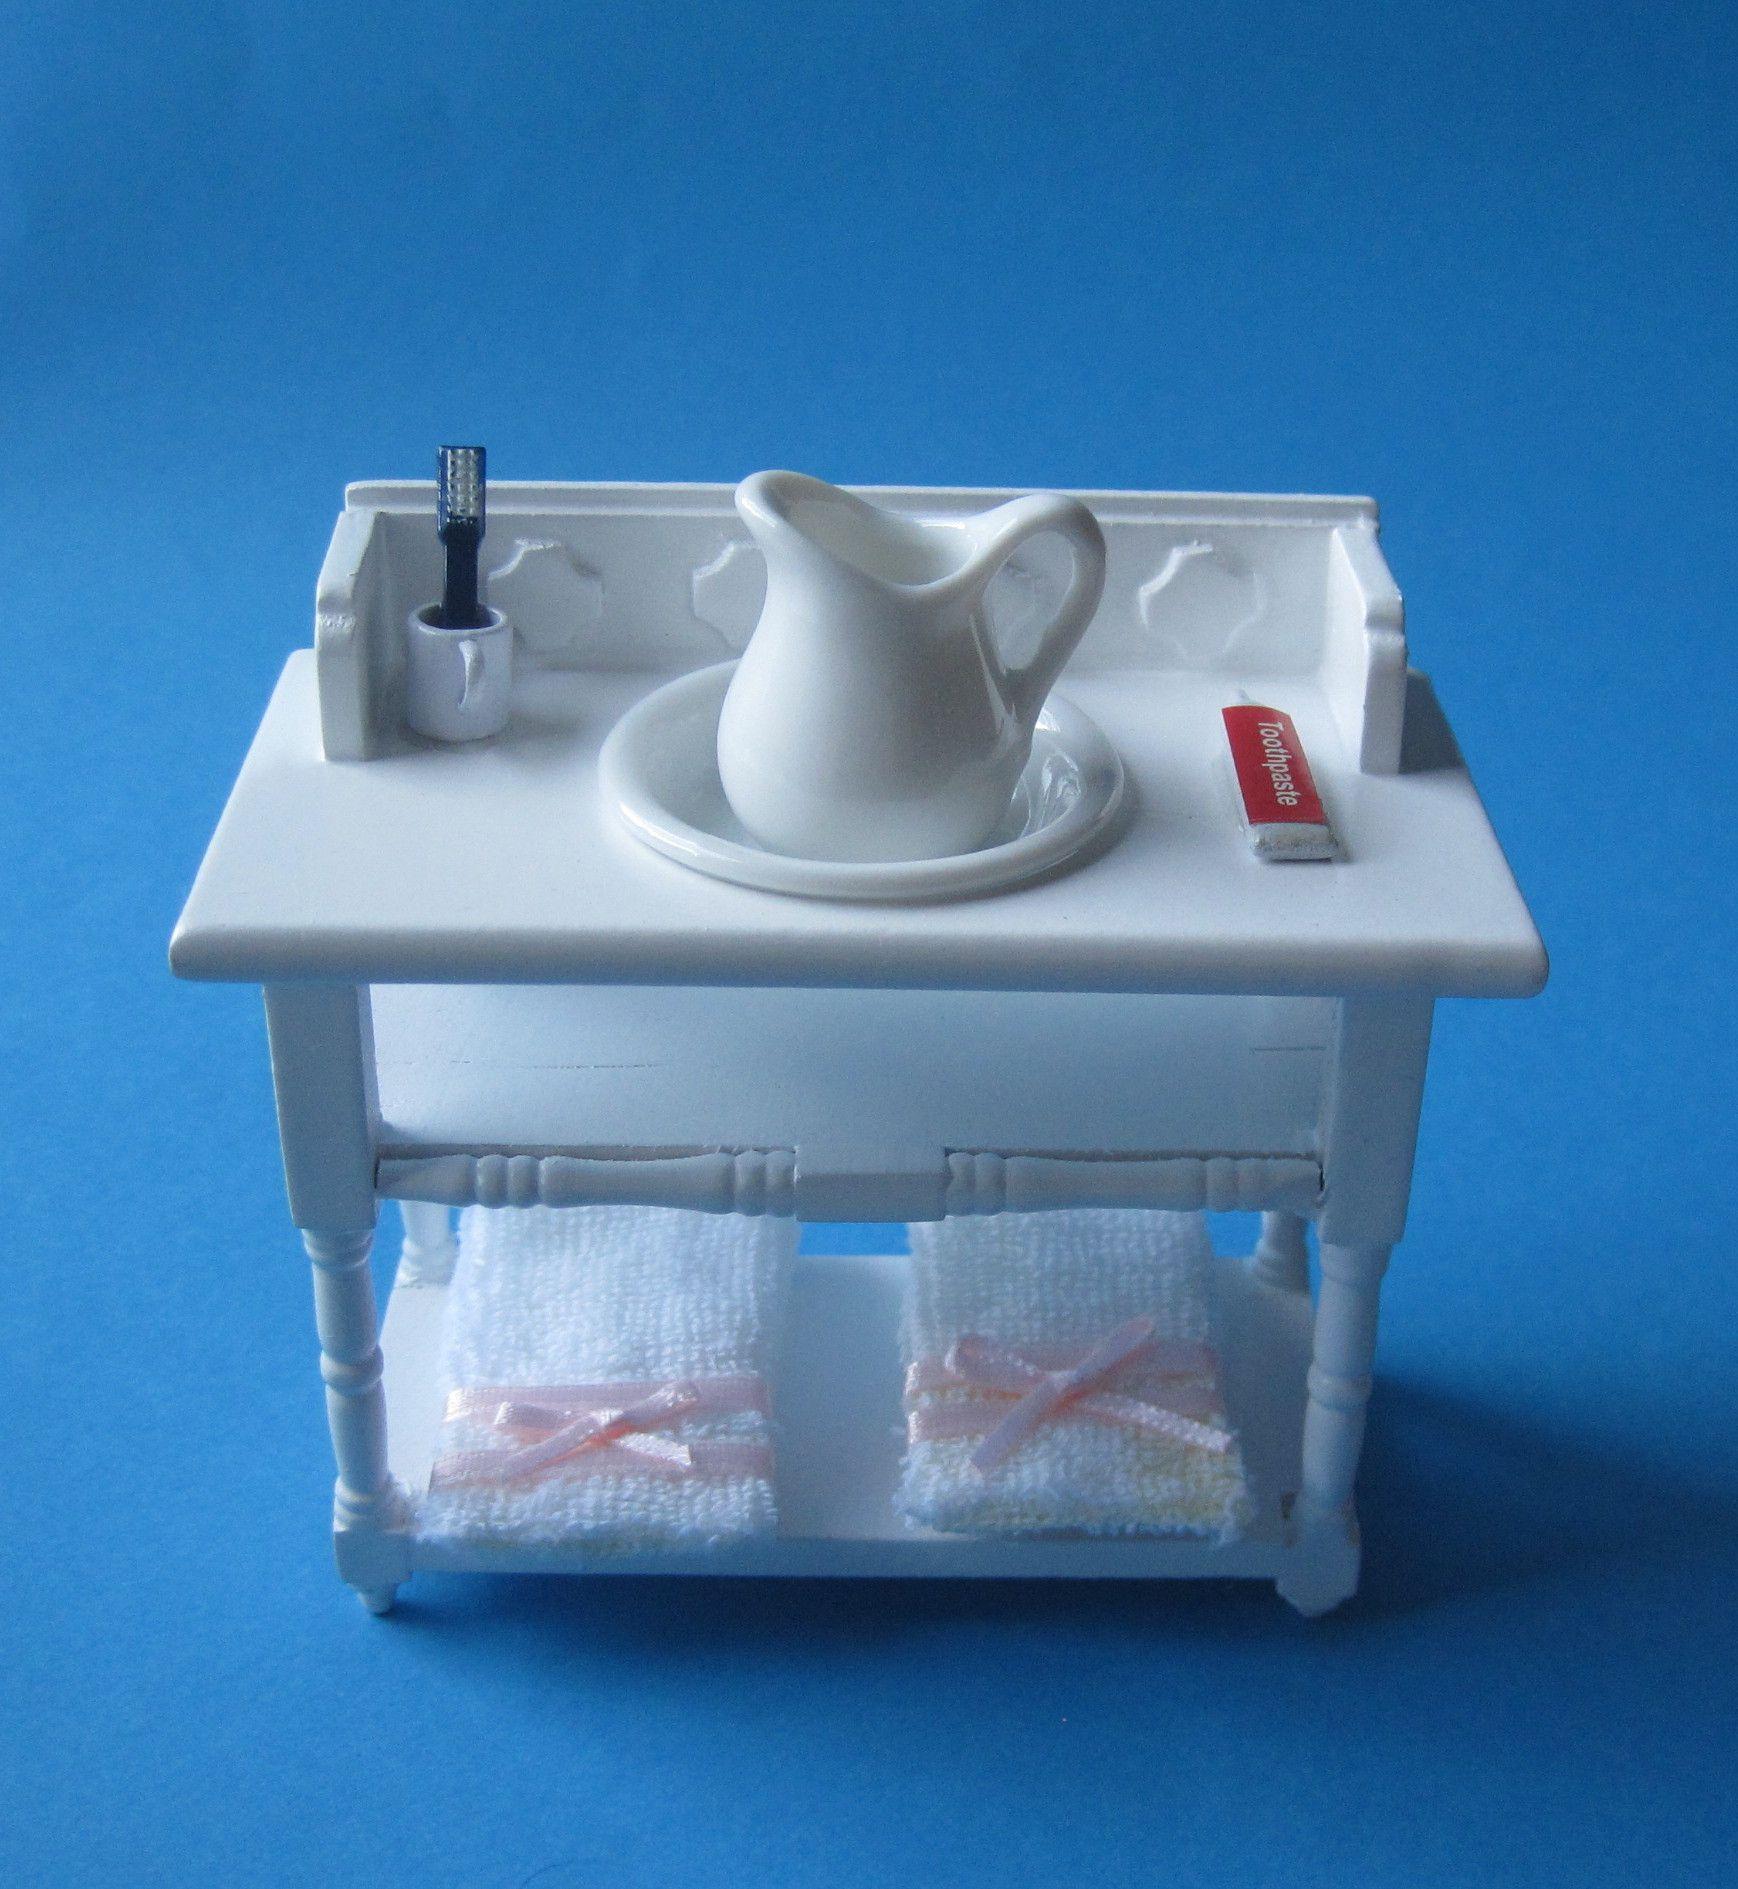 badezimmer waschtisch mit handt cher krug sch ssel puppenhaus m bel miniatur 1 12 puppenhaus. Black Bedroom Furniture Sets. Home Design Ideas